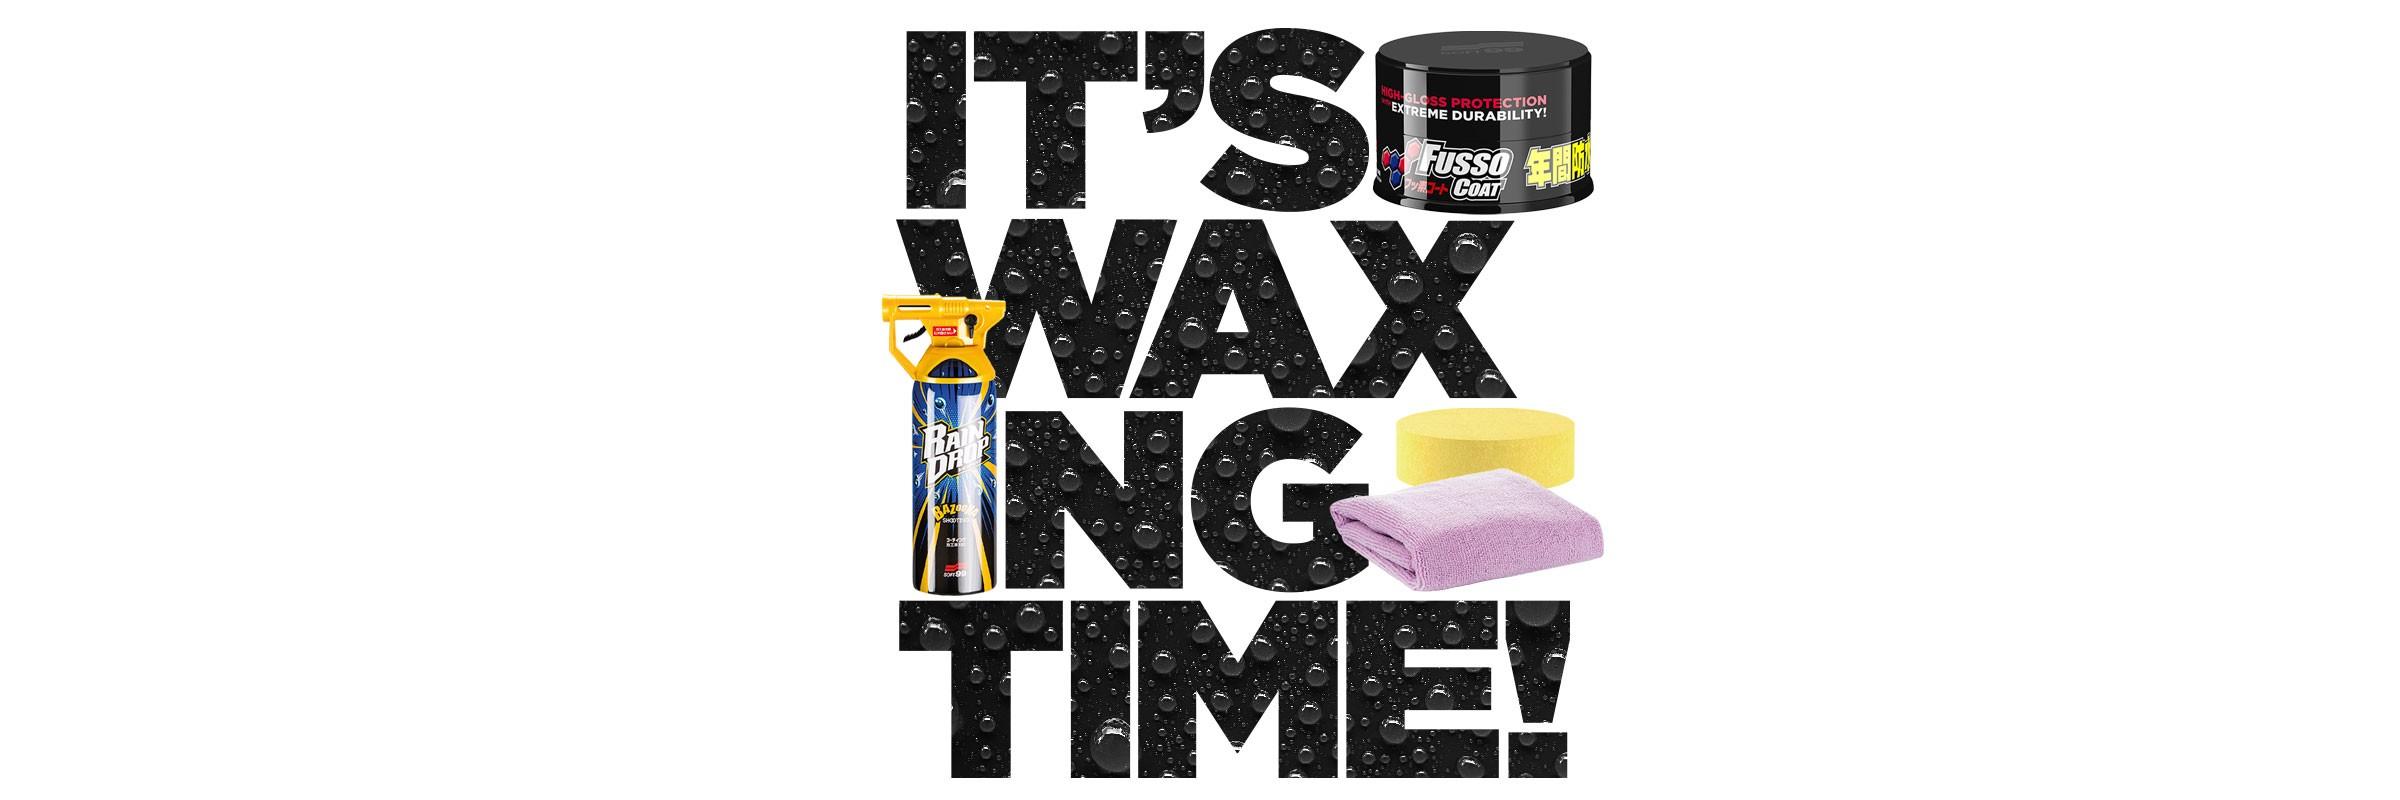 Buy SOFT99 Wax - get Rain Drop Bazooka for free!